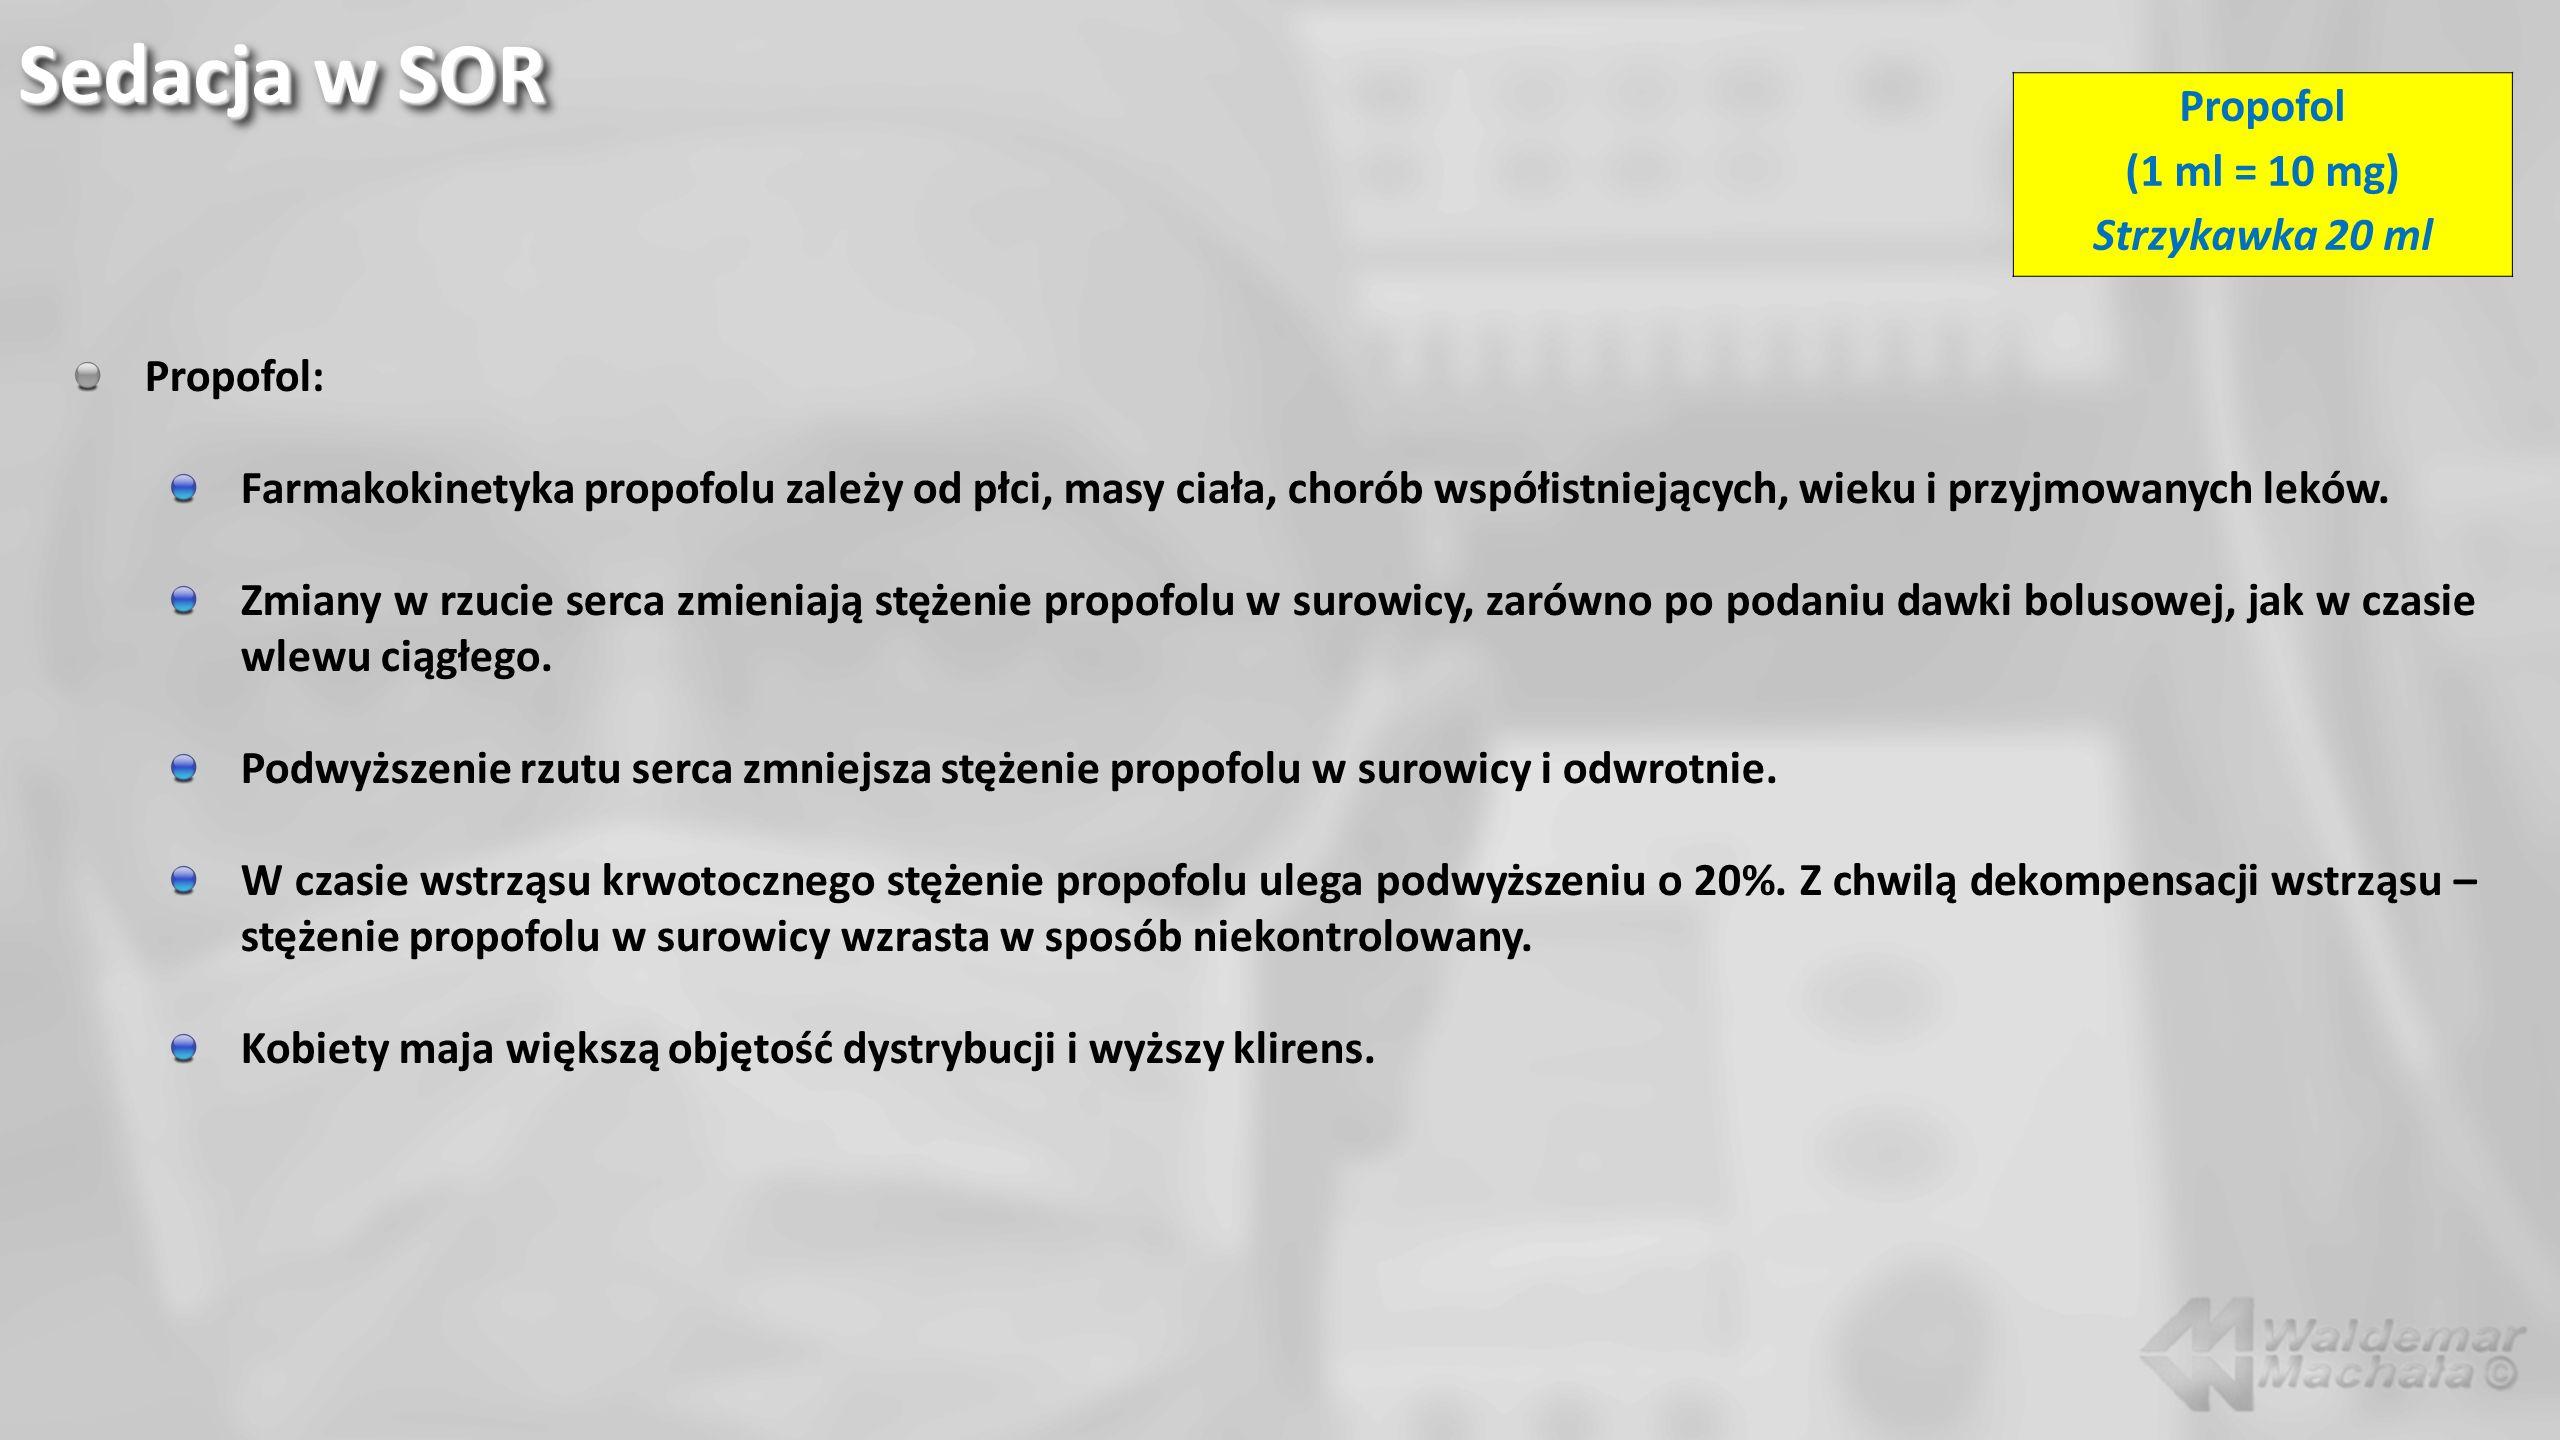 Propofol: Farmakokinetyka propofolu zależy od płci, masy ciała, chorób współistniejących, wieku i przyjmowanych leków. Zmiany w rzucie serca zmieniają